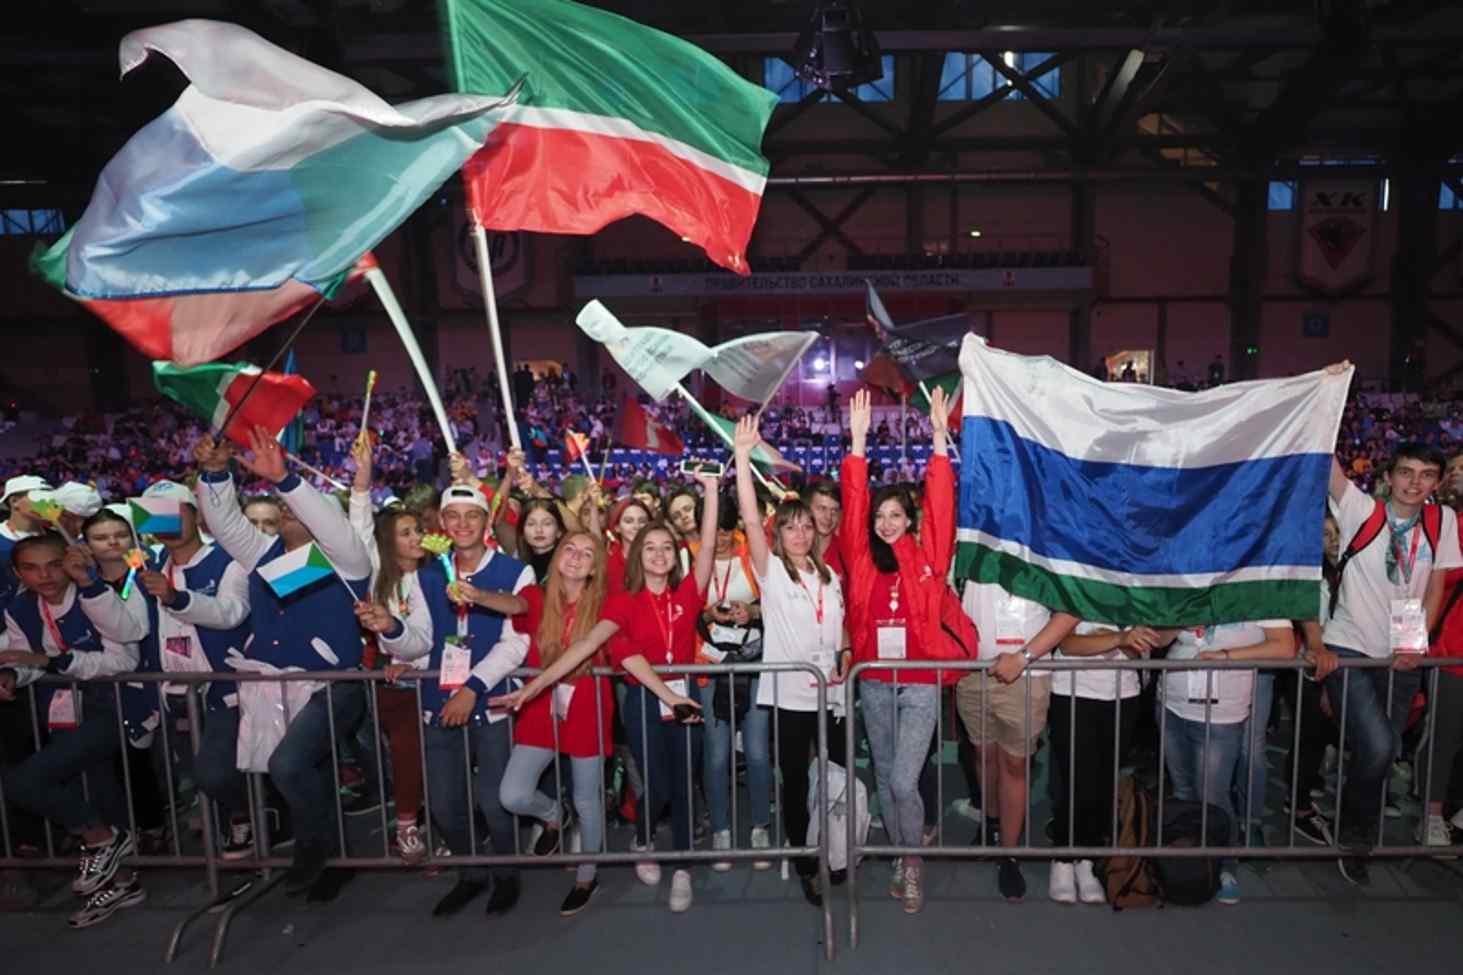 v-yuzhno-sahalinske-startoval-final-chempionata-rossii-worldskills-russia